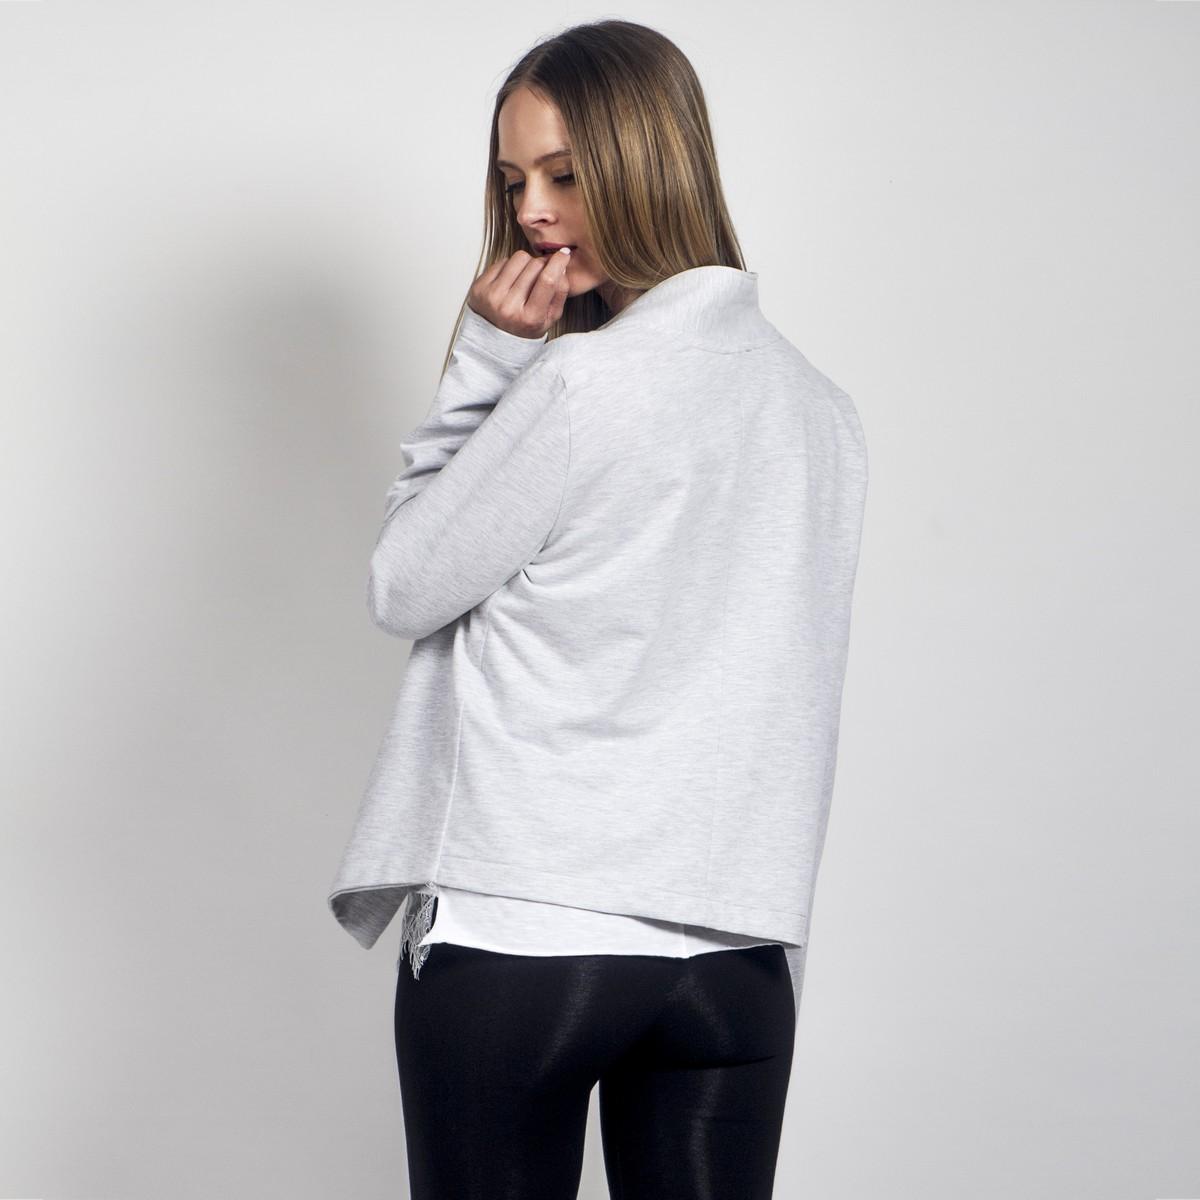 7ed61d3220cf Γκρί σακάκι από βαμβακερό φούτερ - Γυναικεία Ρούχα - Φορέματα - Xanashop